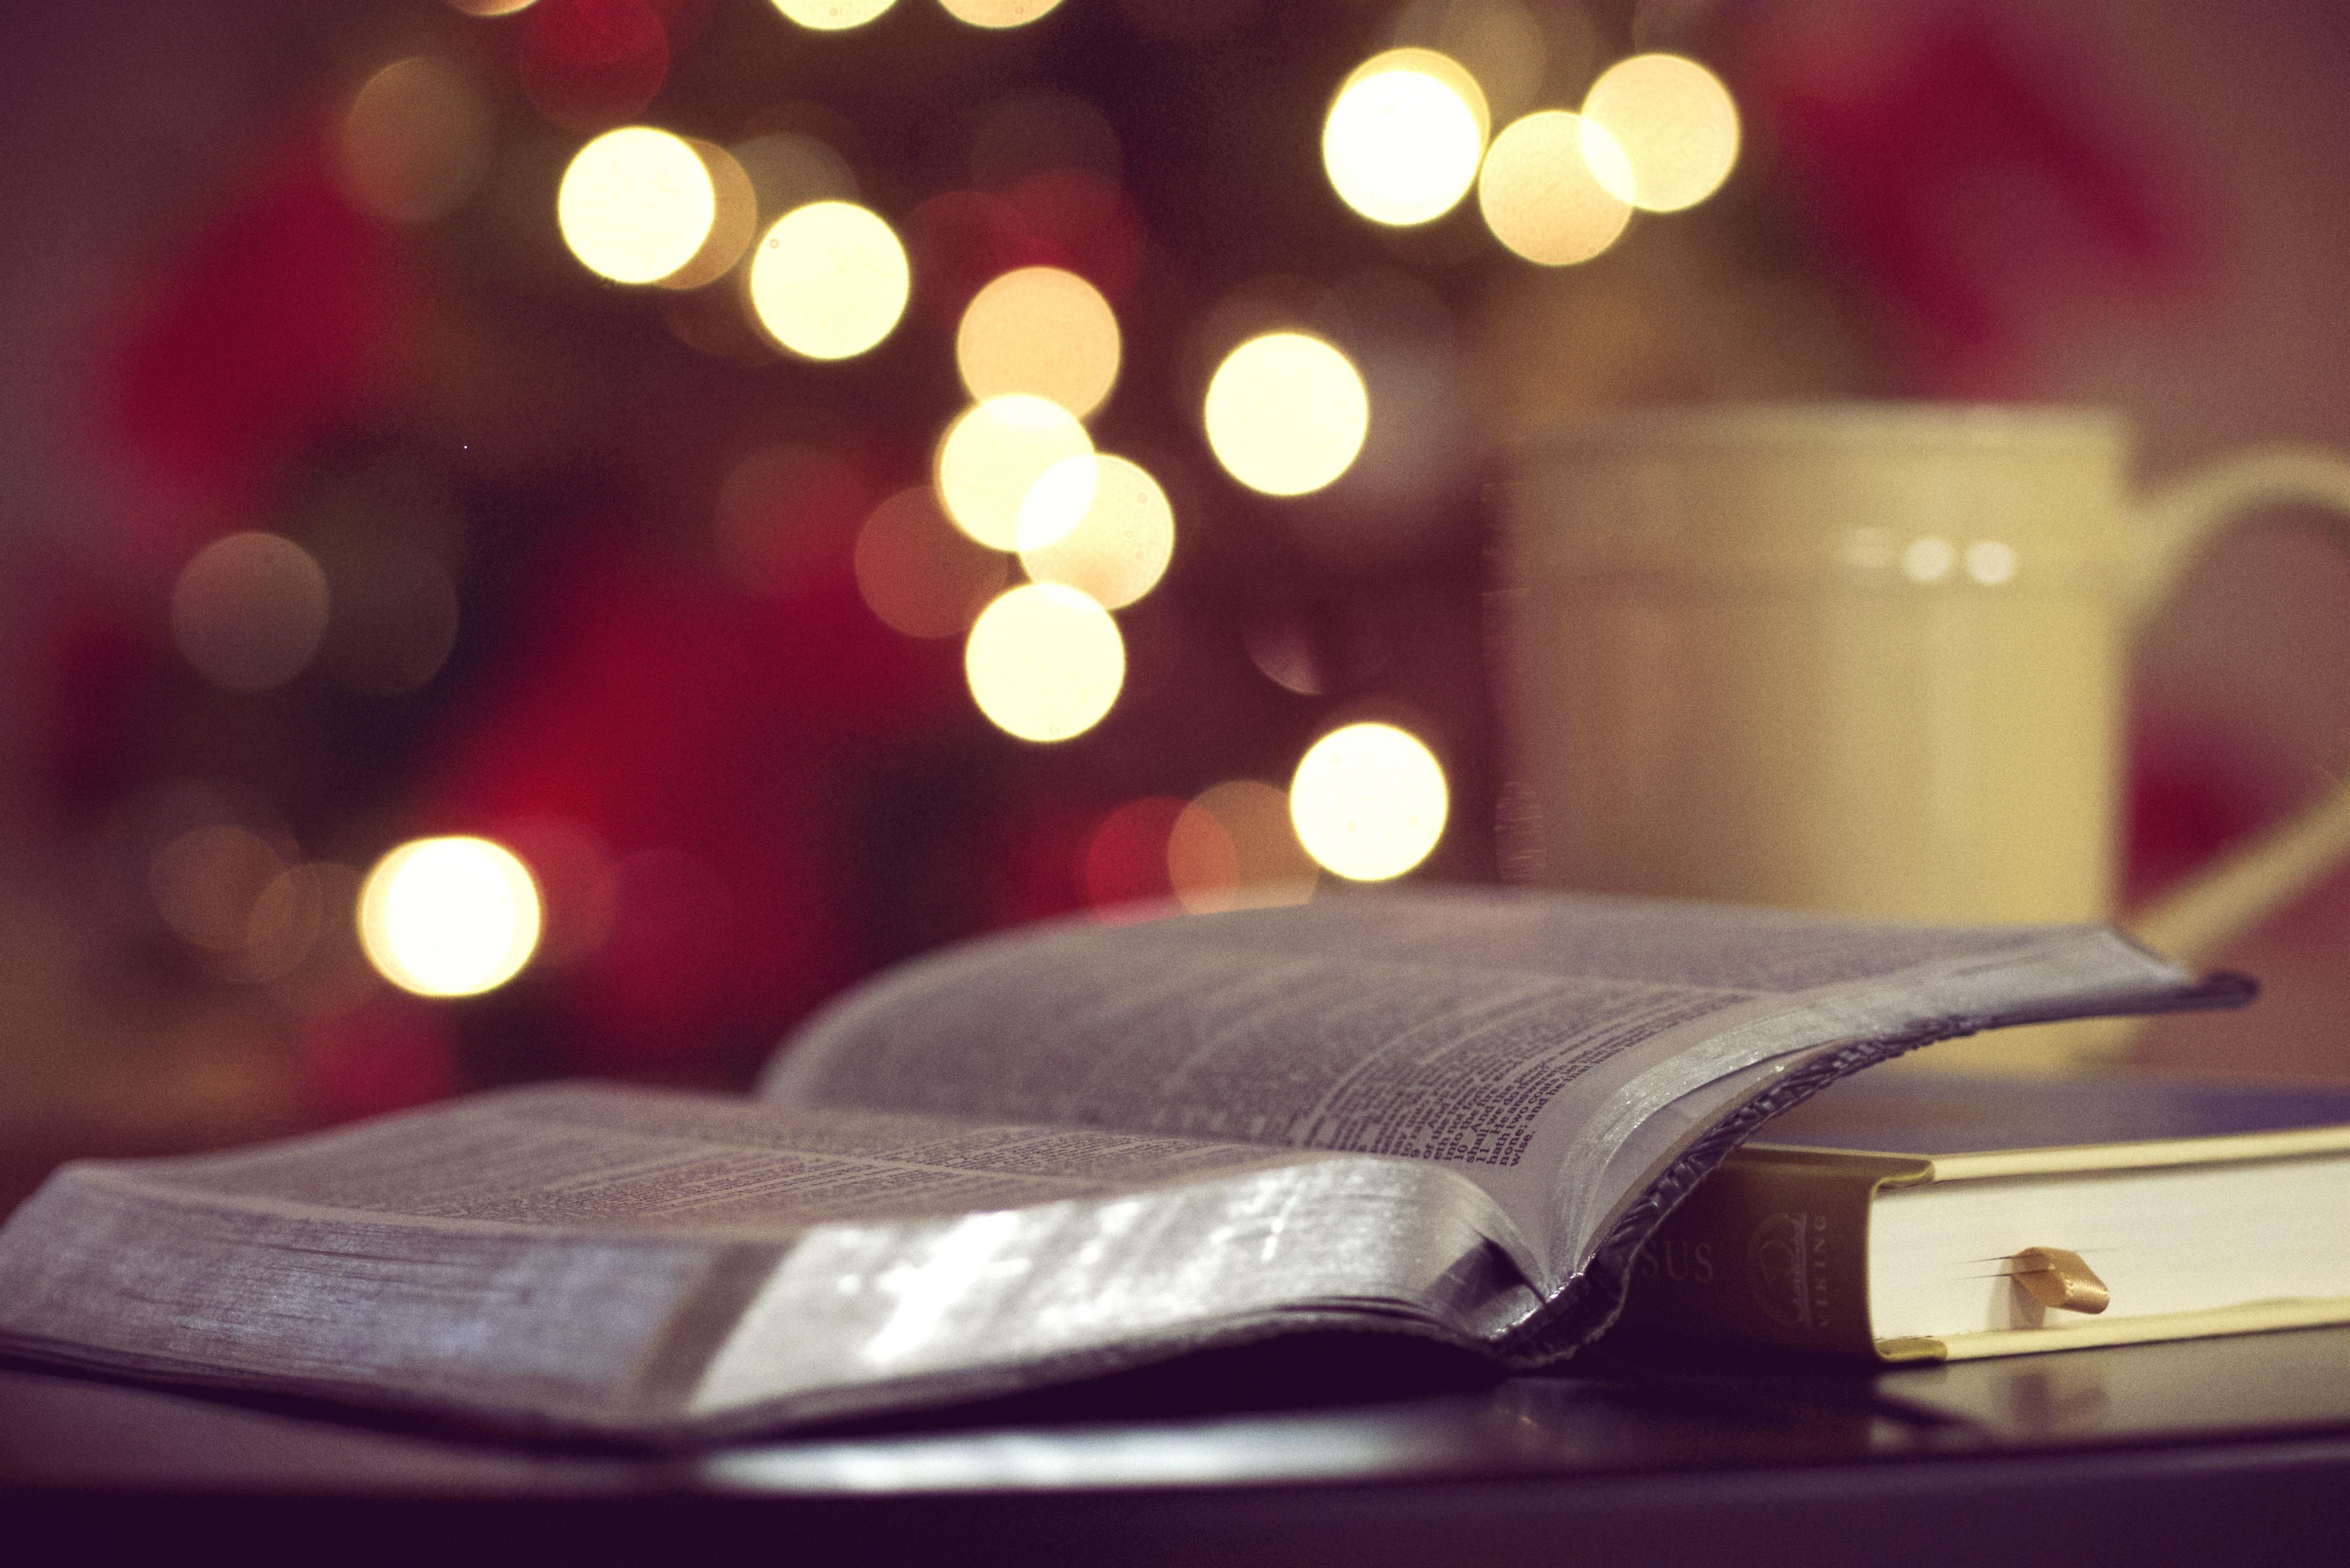 Fotos gratis : libro, novela, ligero, rojo, color, religión, Iglesia ...